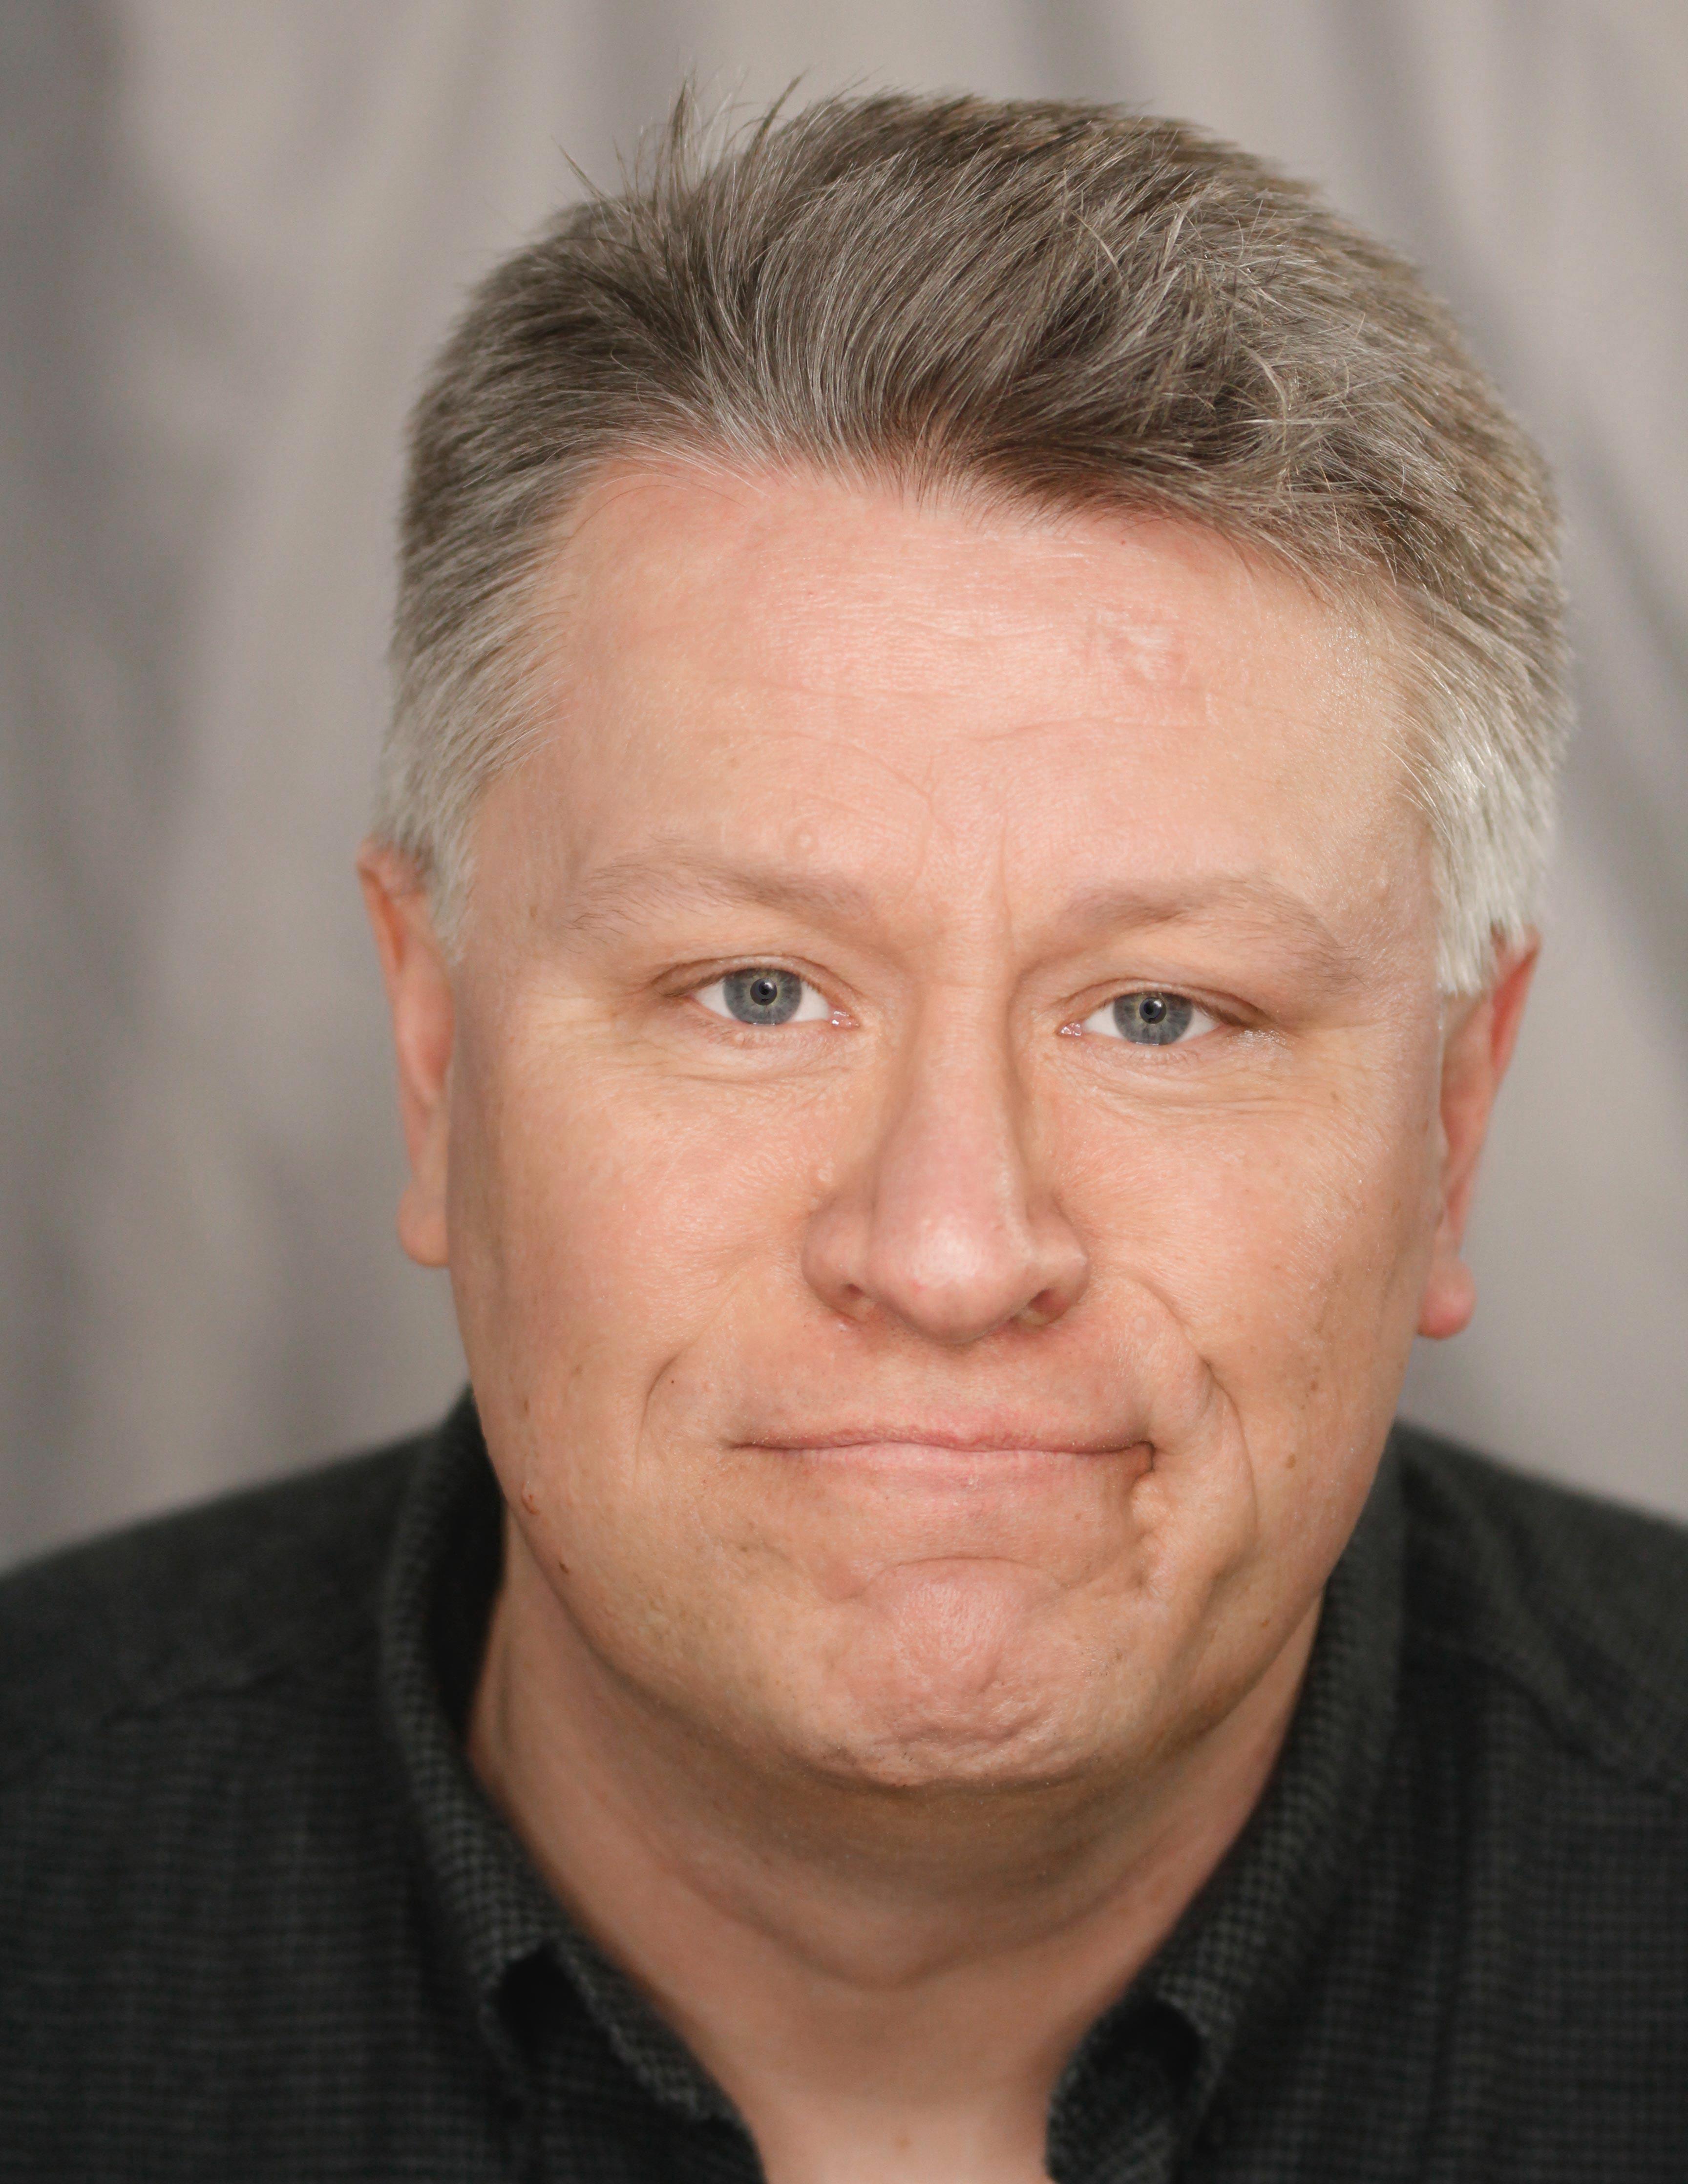 Joey Callahan